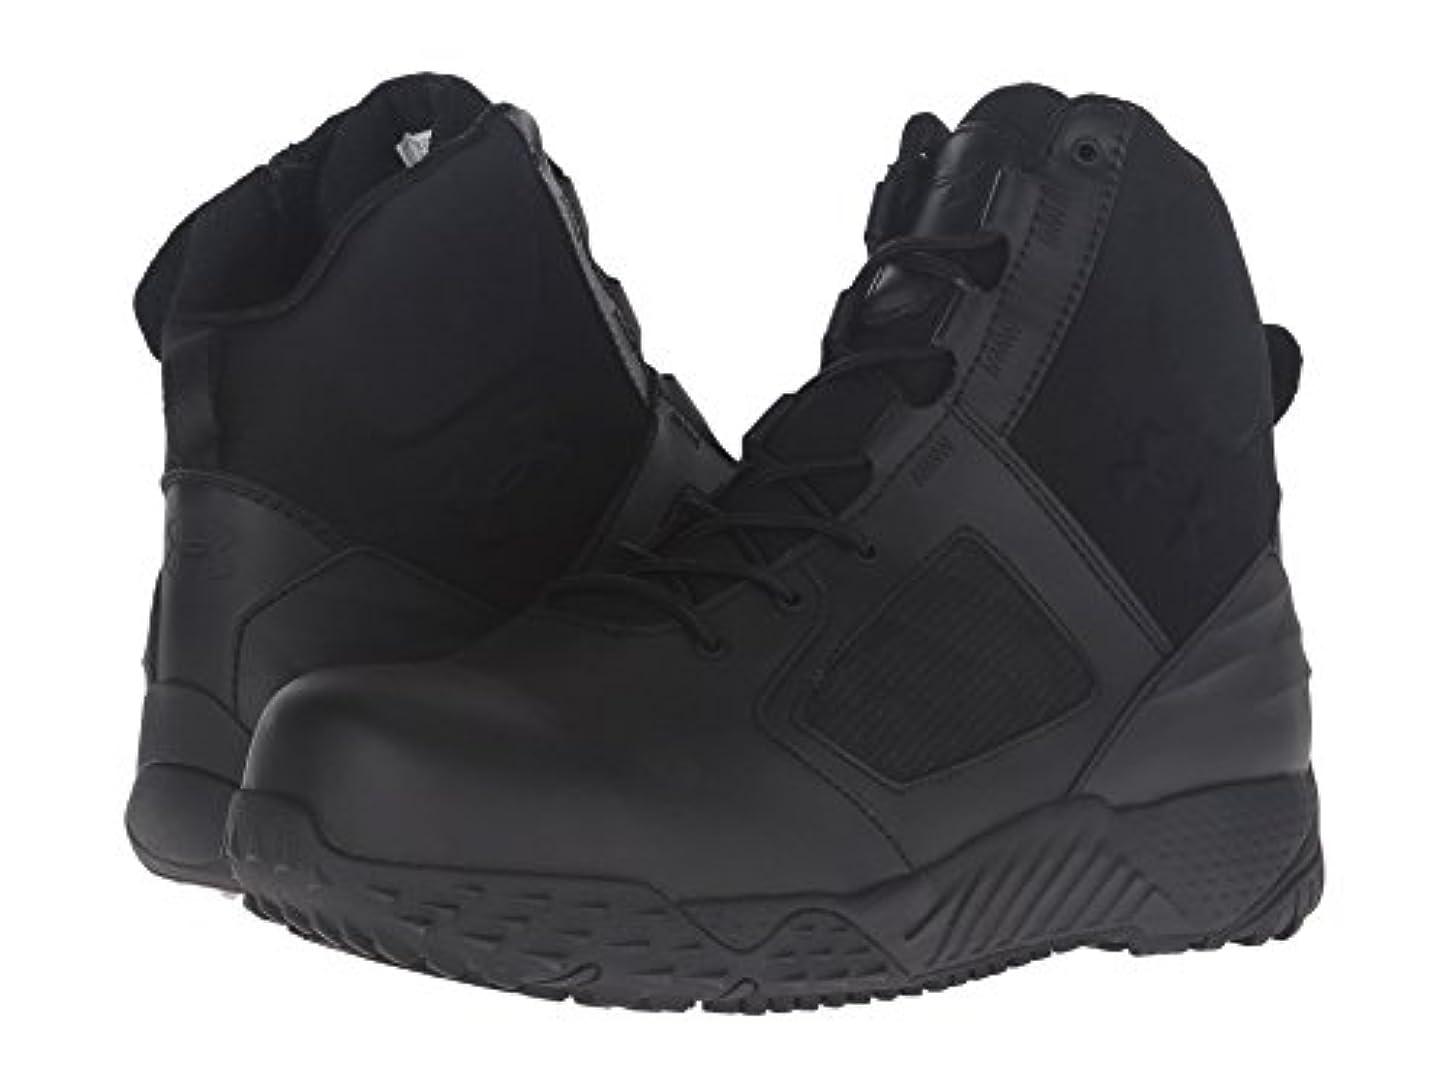 祝福緯度第(アンダーアーマー) UNDER ARMOUR メンズブーツ?靴 UA Tac Zip 2.0 Protect Black/Black 12.5 (30.5cm) D - Medium